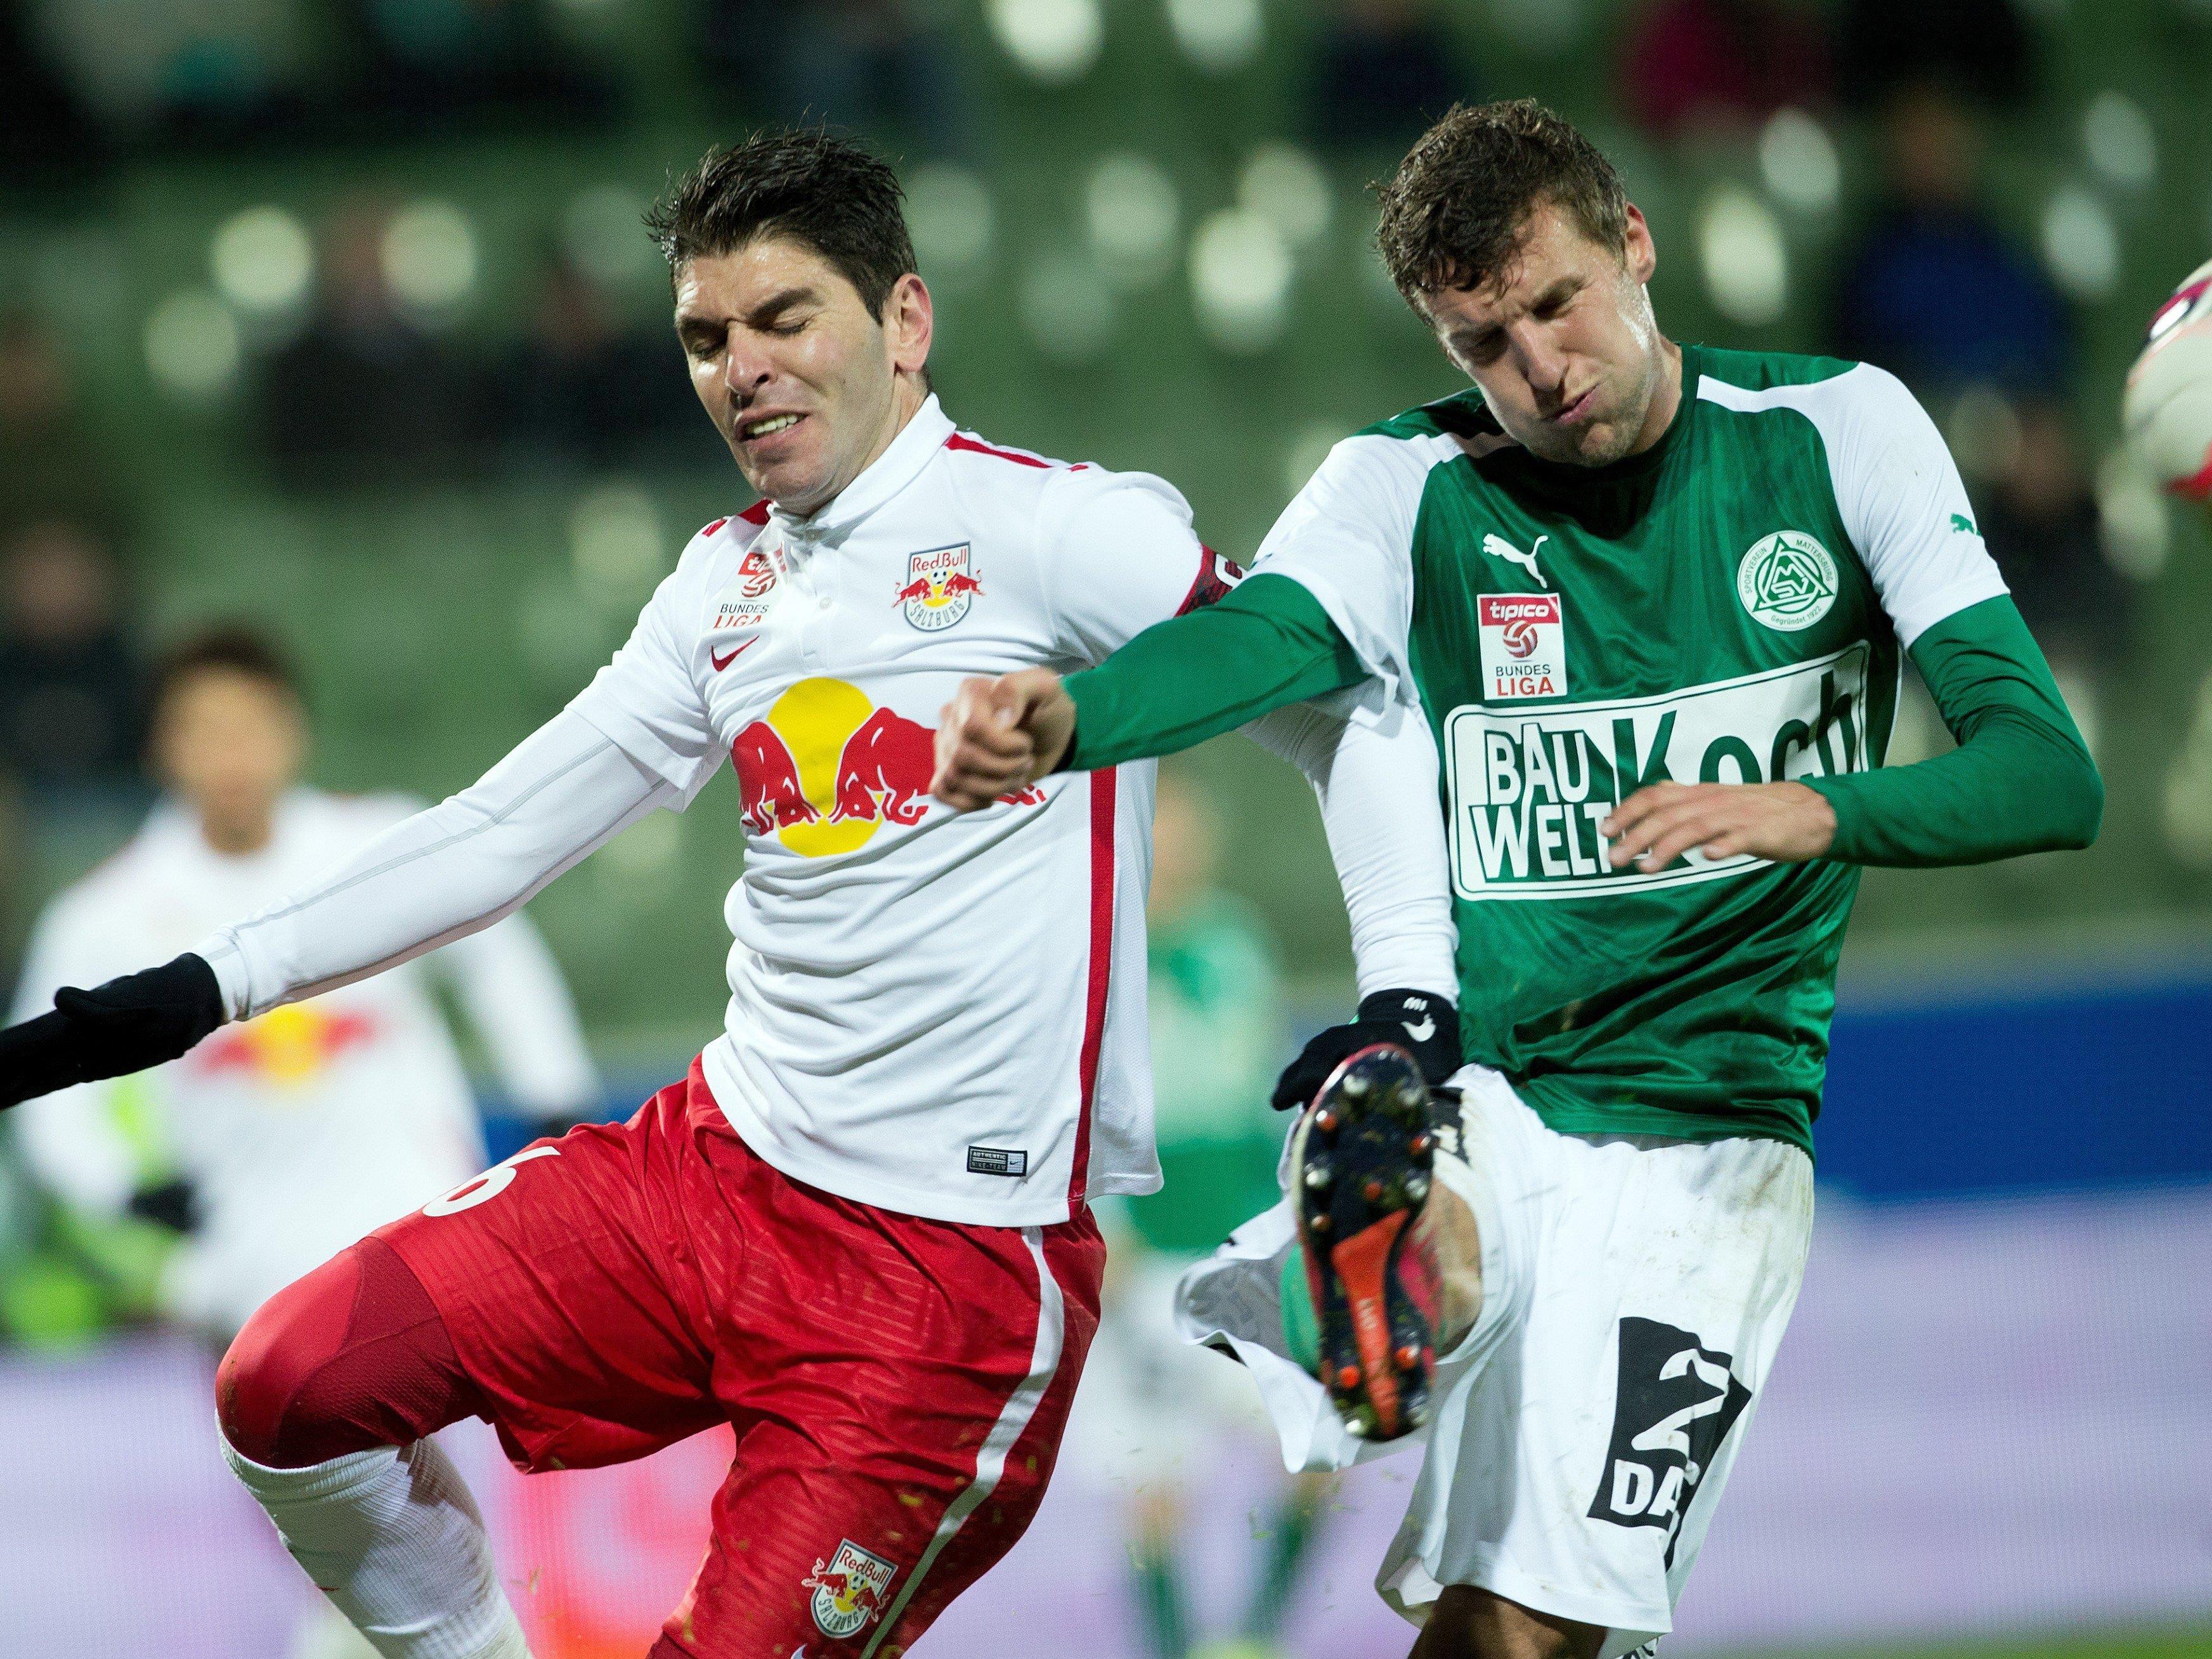 LIVE-Ticker zum Spiel Red Bull Salzburg gegen SV Mattersburg ab 18.30 Uhr.